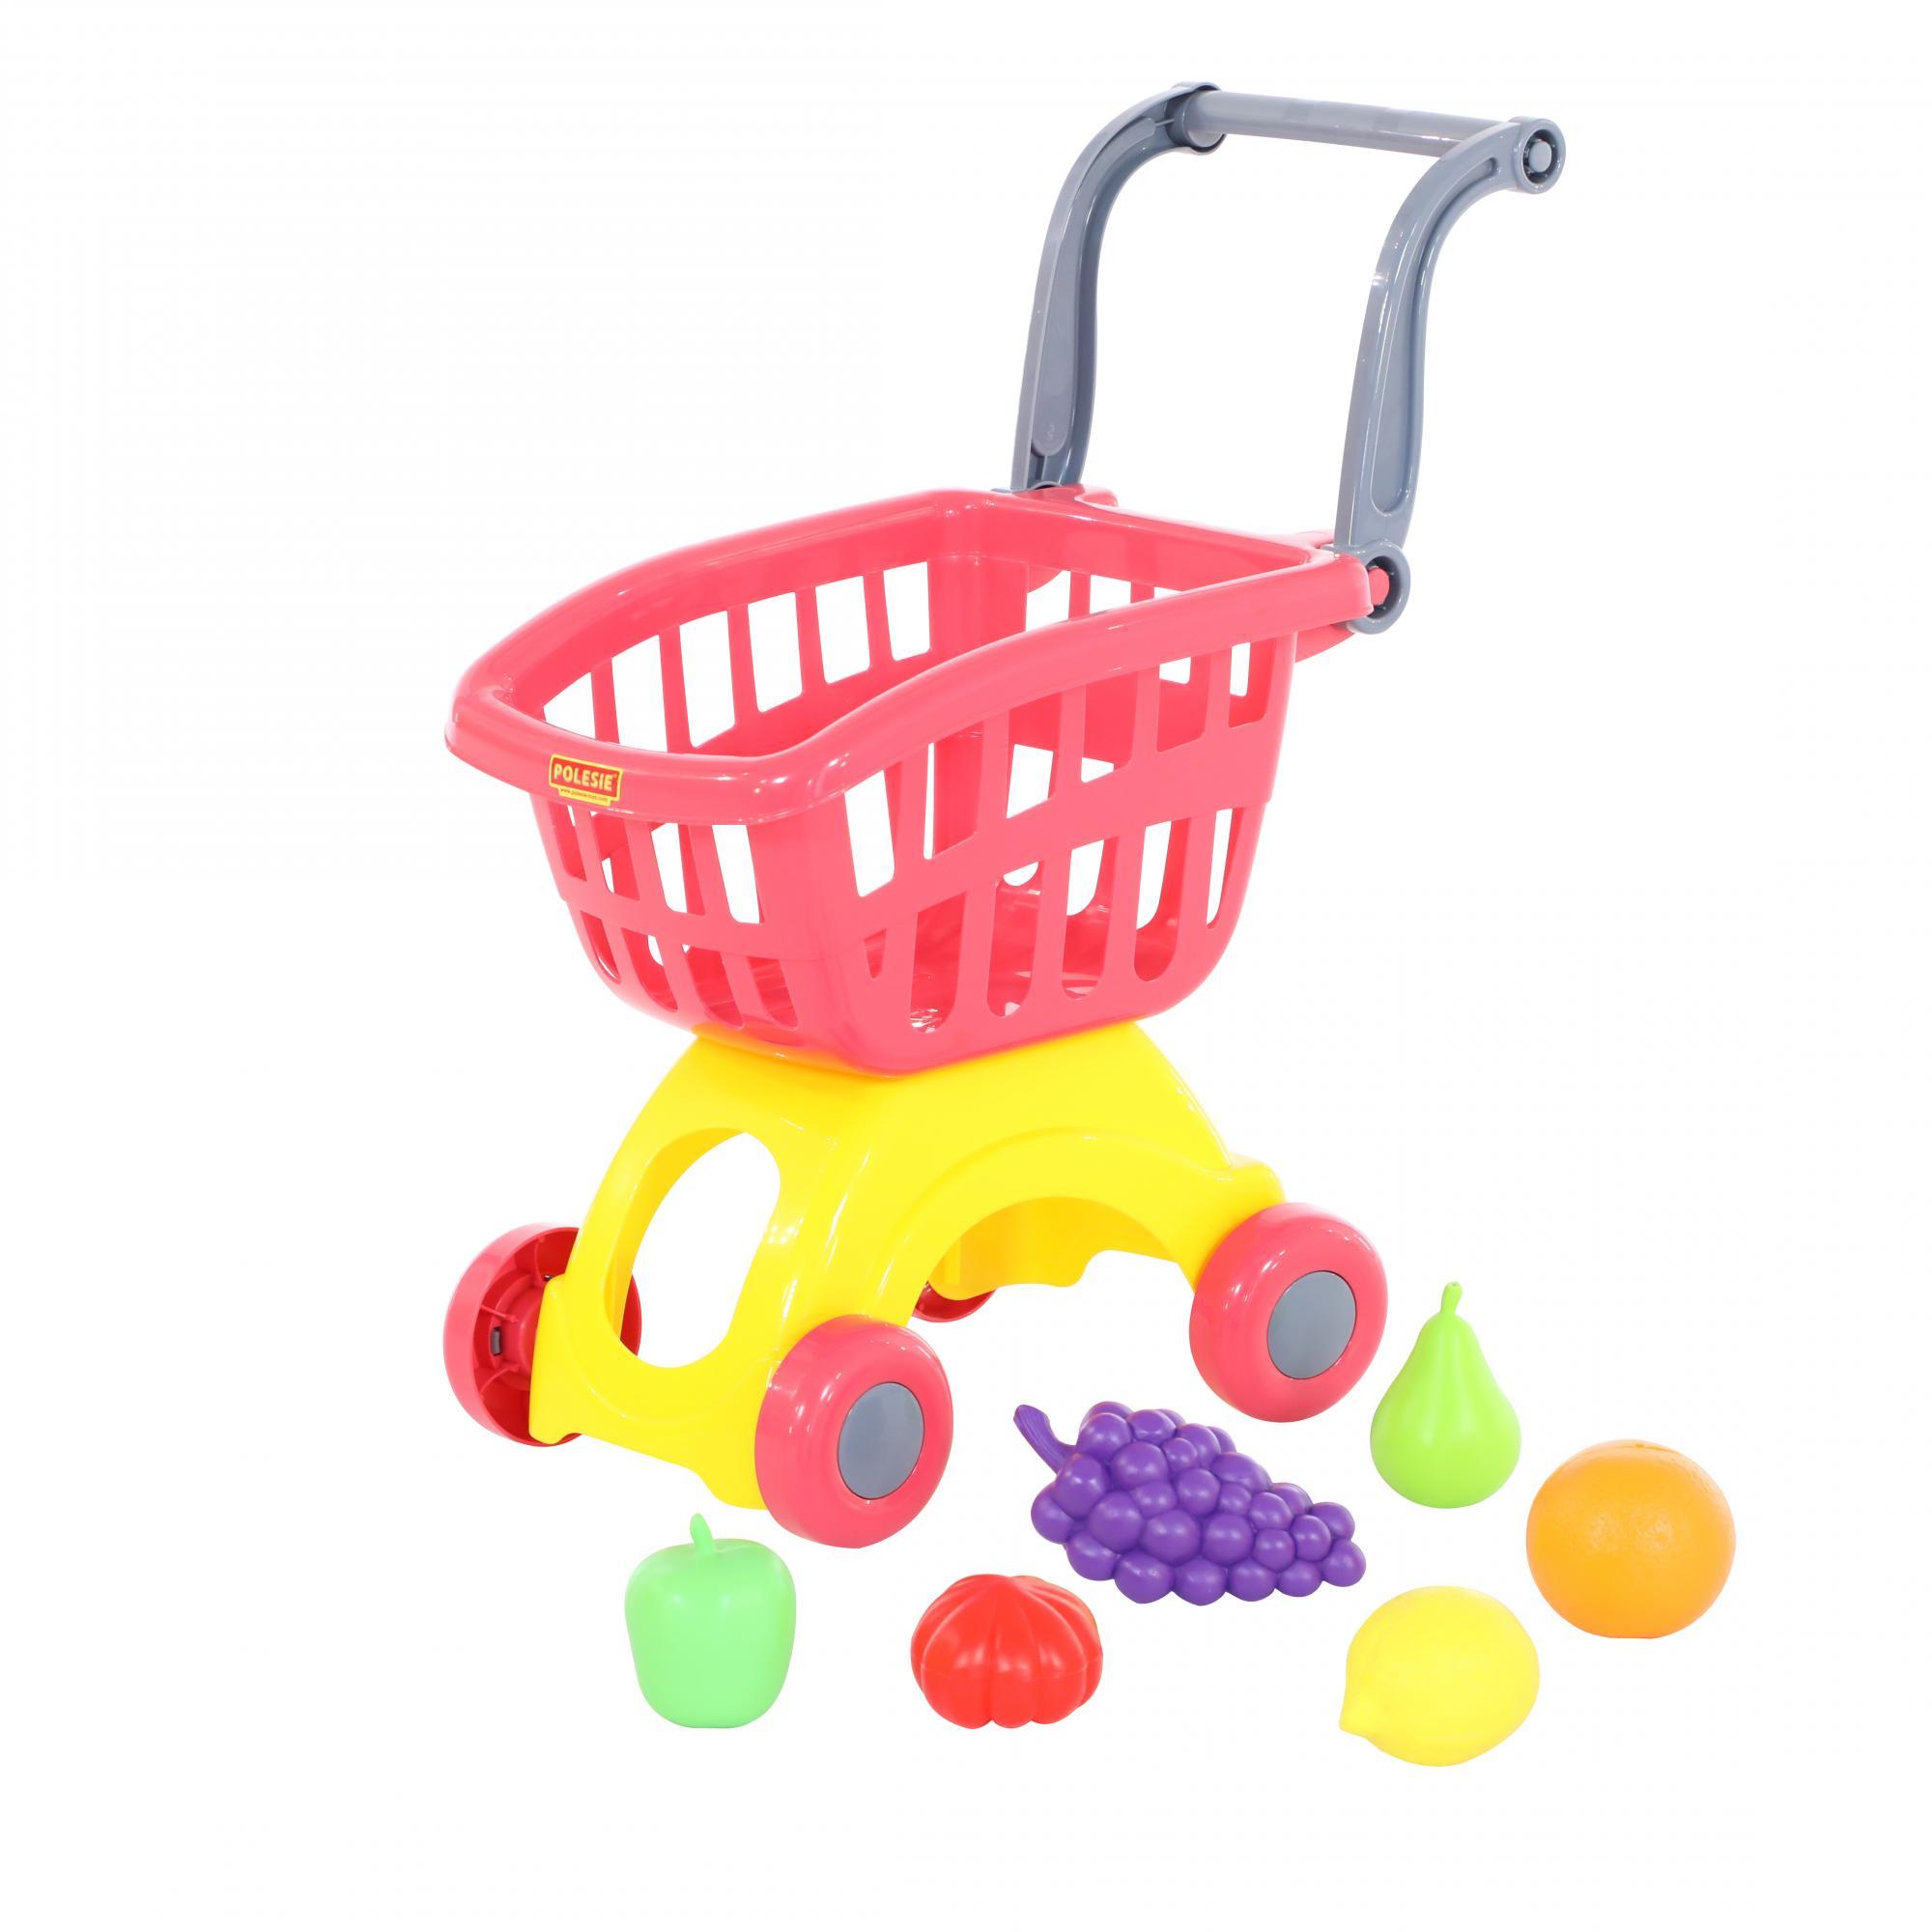 Купить Тележка для маркета ПОЛЕСЬЕ Мини + набор продуктов №3 (71378 ), Полесье, Играем в магазин